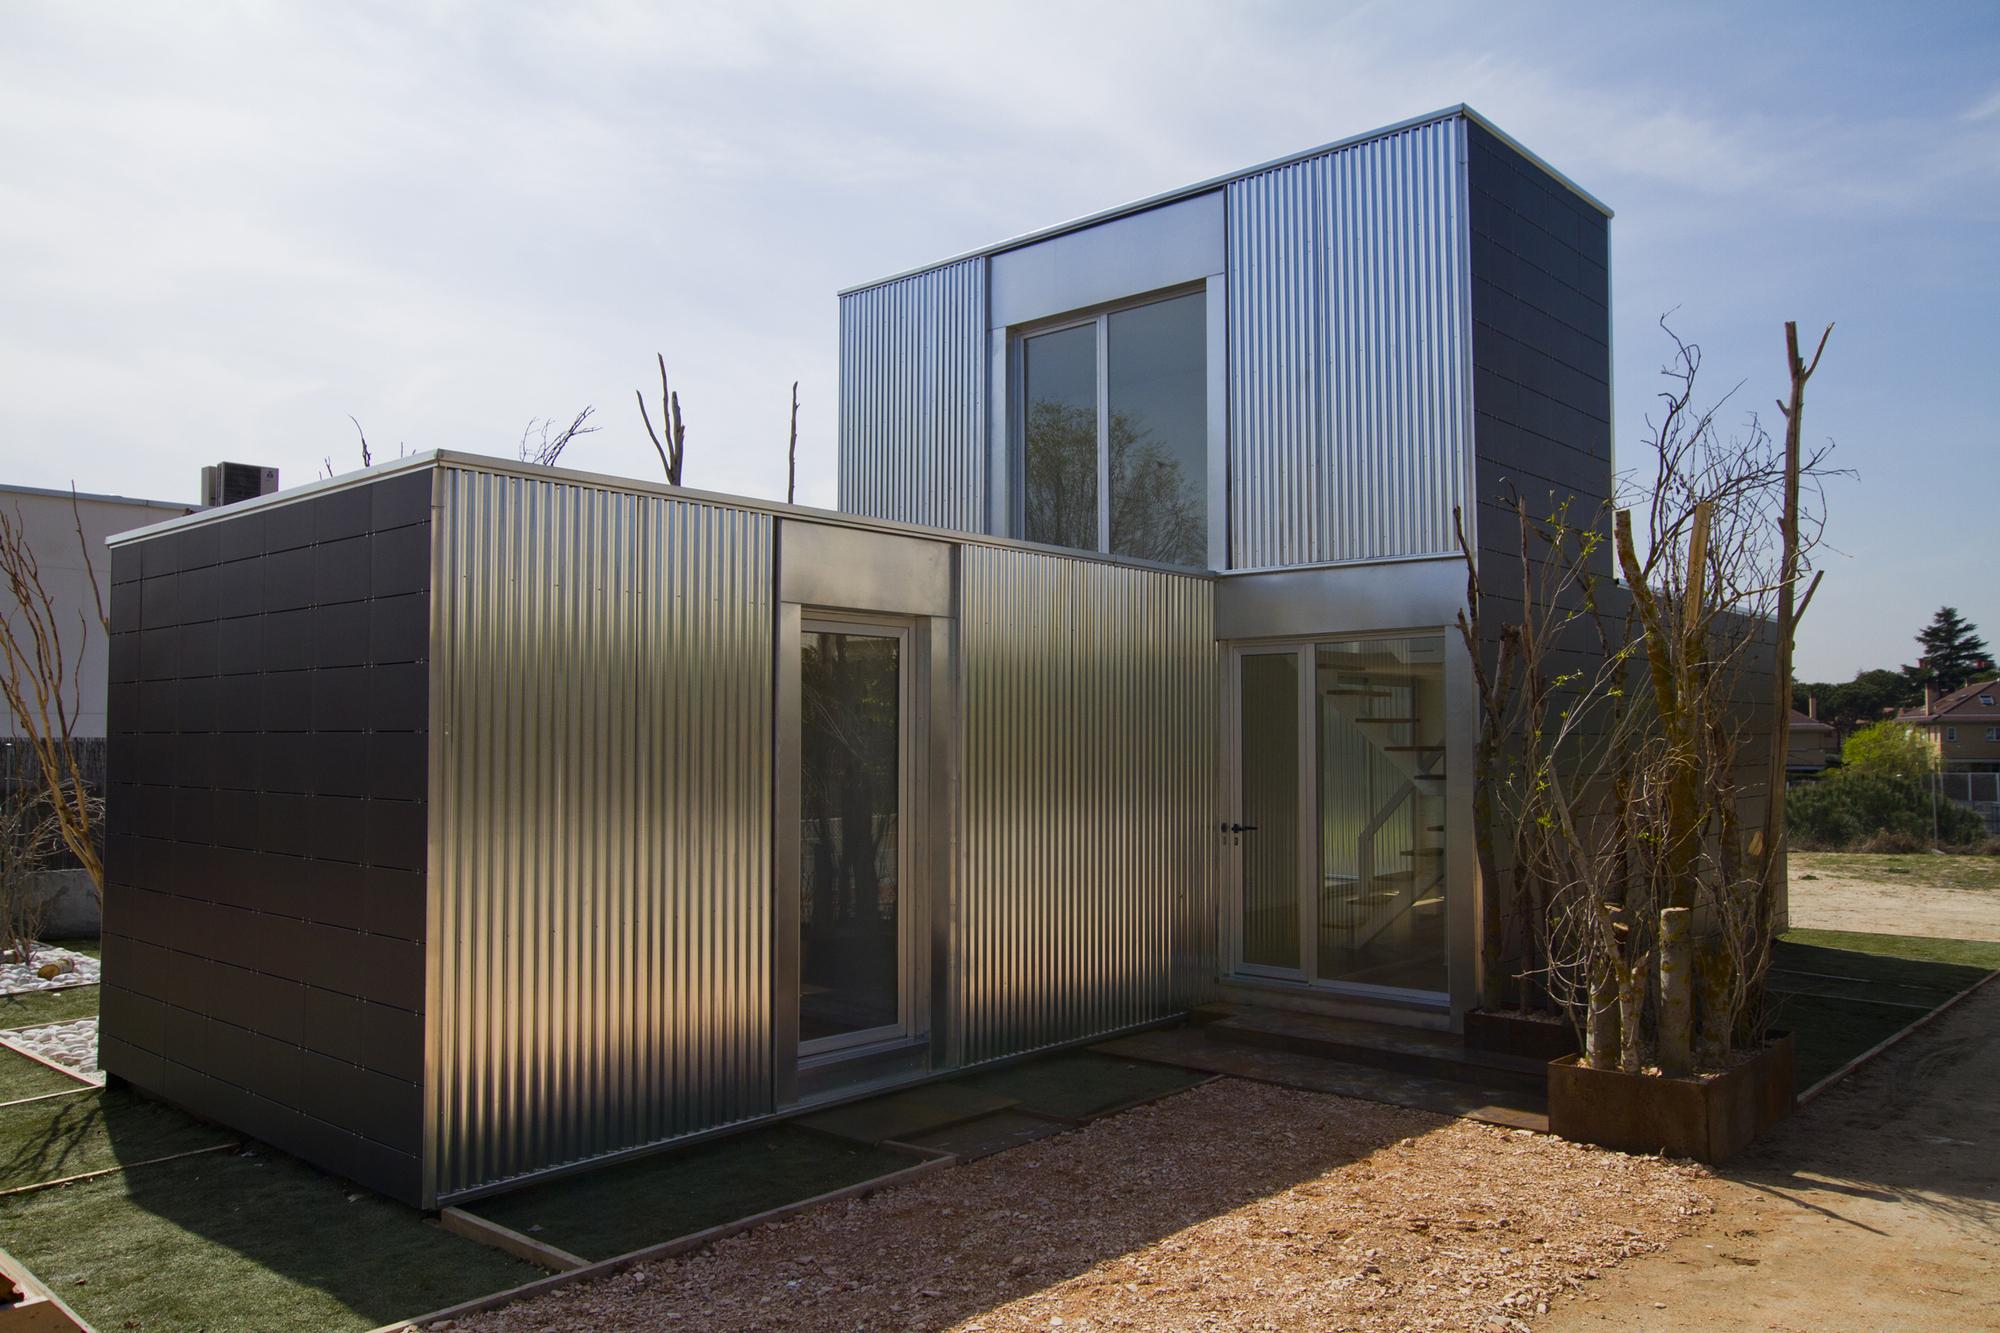 Galer a sistema abierto de viviendas modulares - Casas prefabricadas sostenibles ...